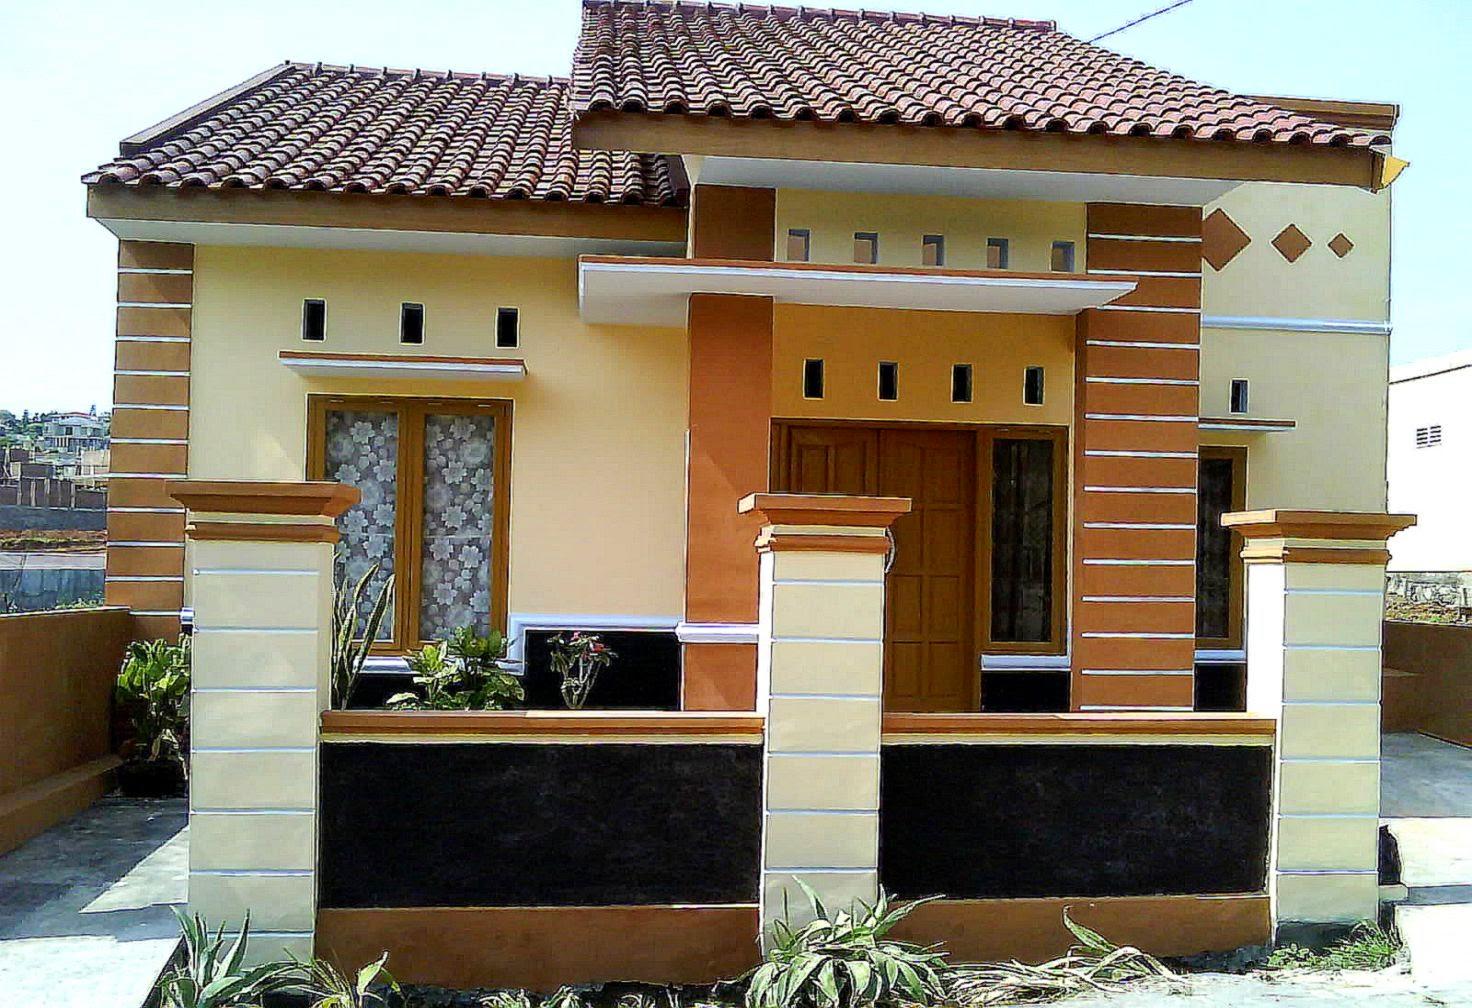 Desain Rumah Minimalis 1 Lantai Mewah Gambar Foto Desain 14 Gambar